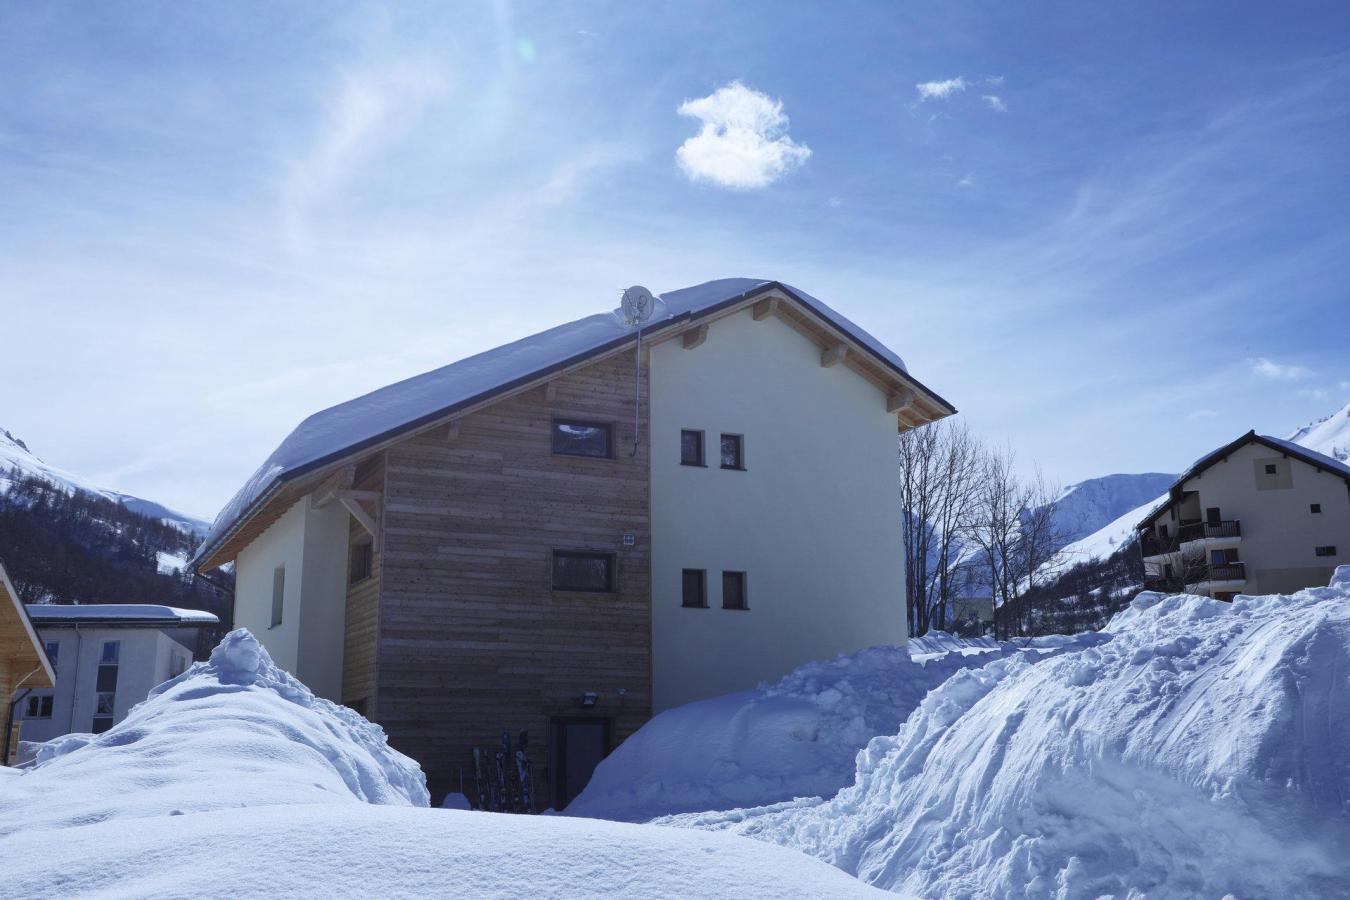 les chalets du grand galibier valloire location vacances ski valloire ski planet